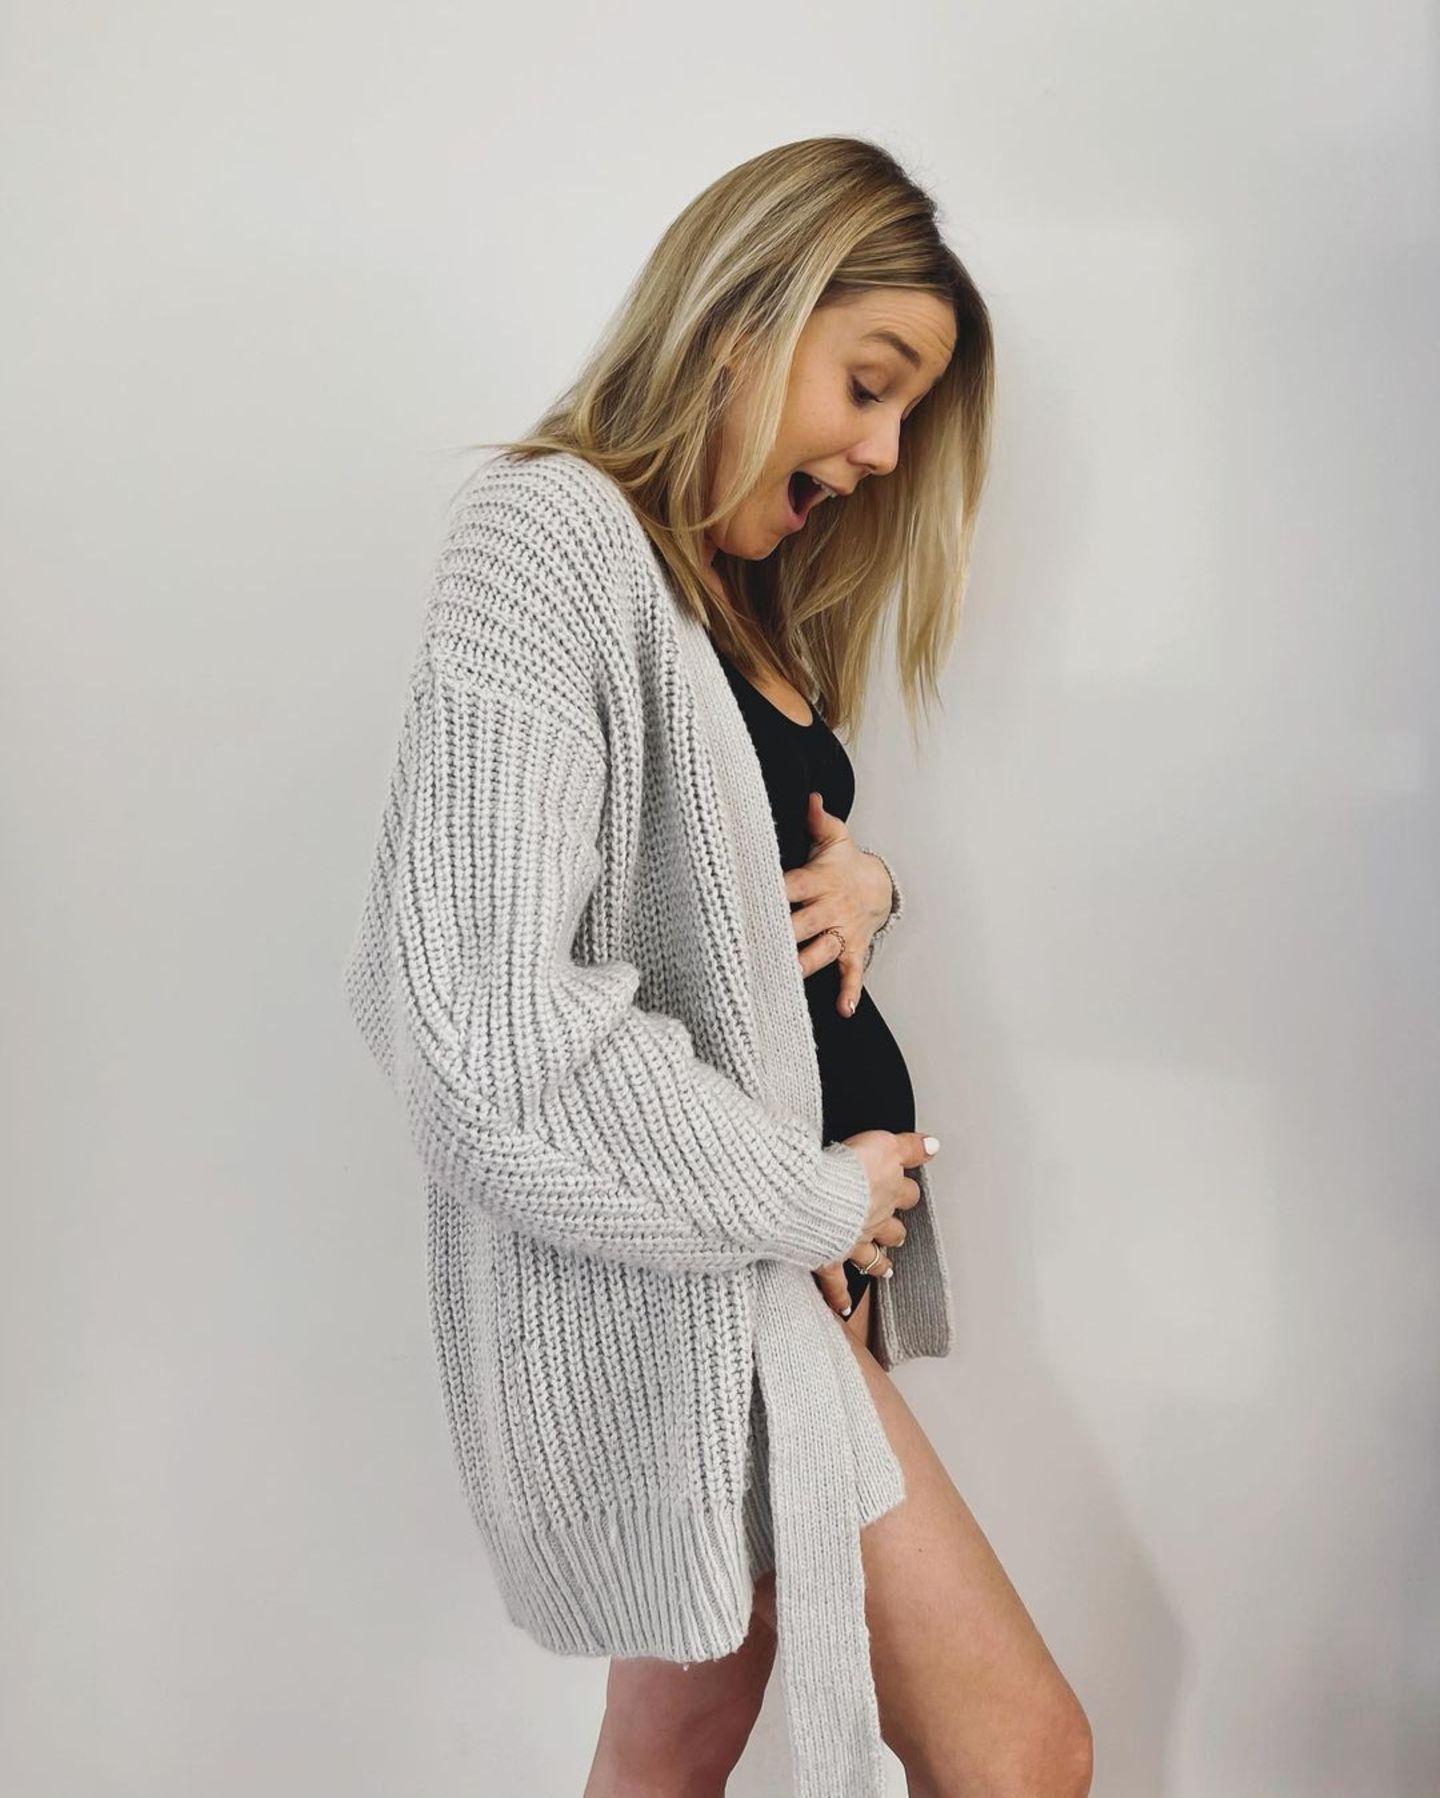 Mit diesem süßen Schnappschuss verkündet Moderatorin und Schauspielerin Alina Merkau ihre Schwangerschaft auf Instagram. 2016 hat die 34-Jährige bereits ihr erstes Kind bekommen, wie lange es noch dauert, bis Baby Nummer zwei da ist, wissen wir leider nicht. Wir wissen nur, dass wir uns jetzt schon auf viele schöne Babybauch-Bilder freuen.